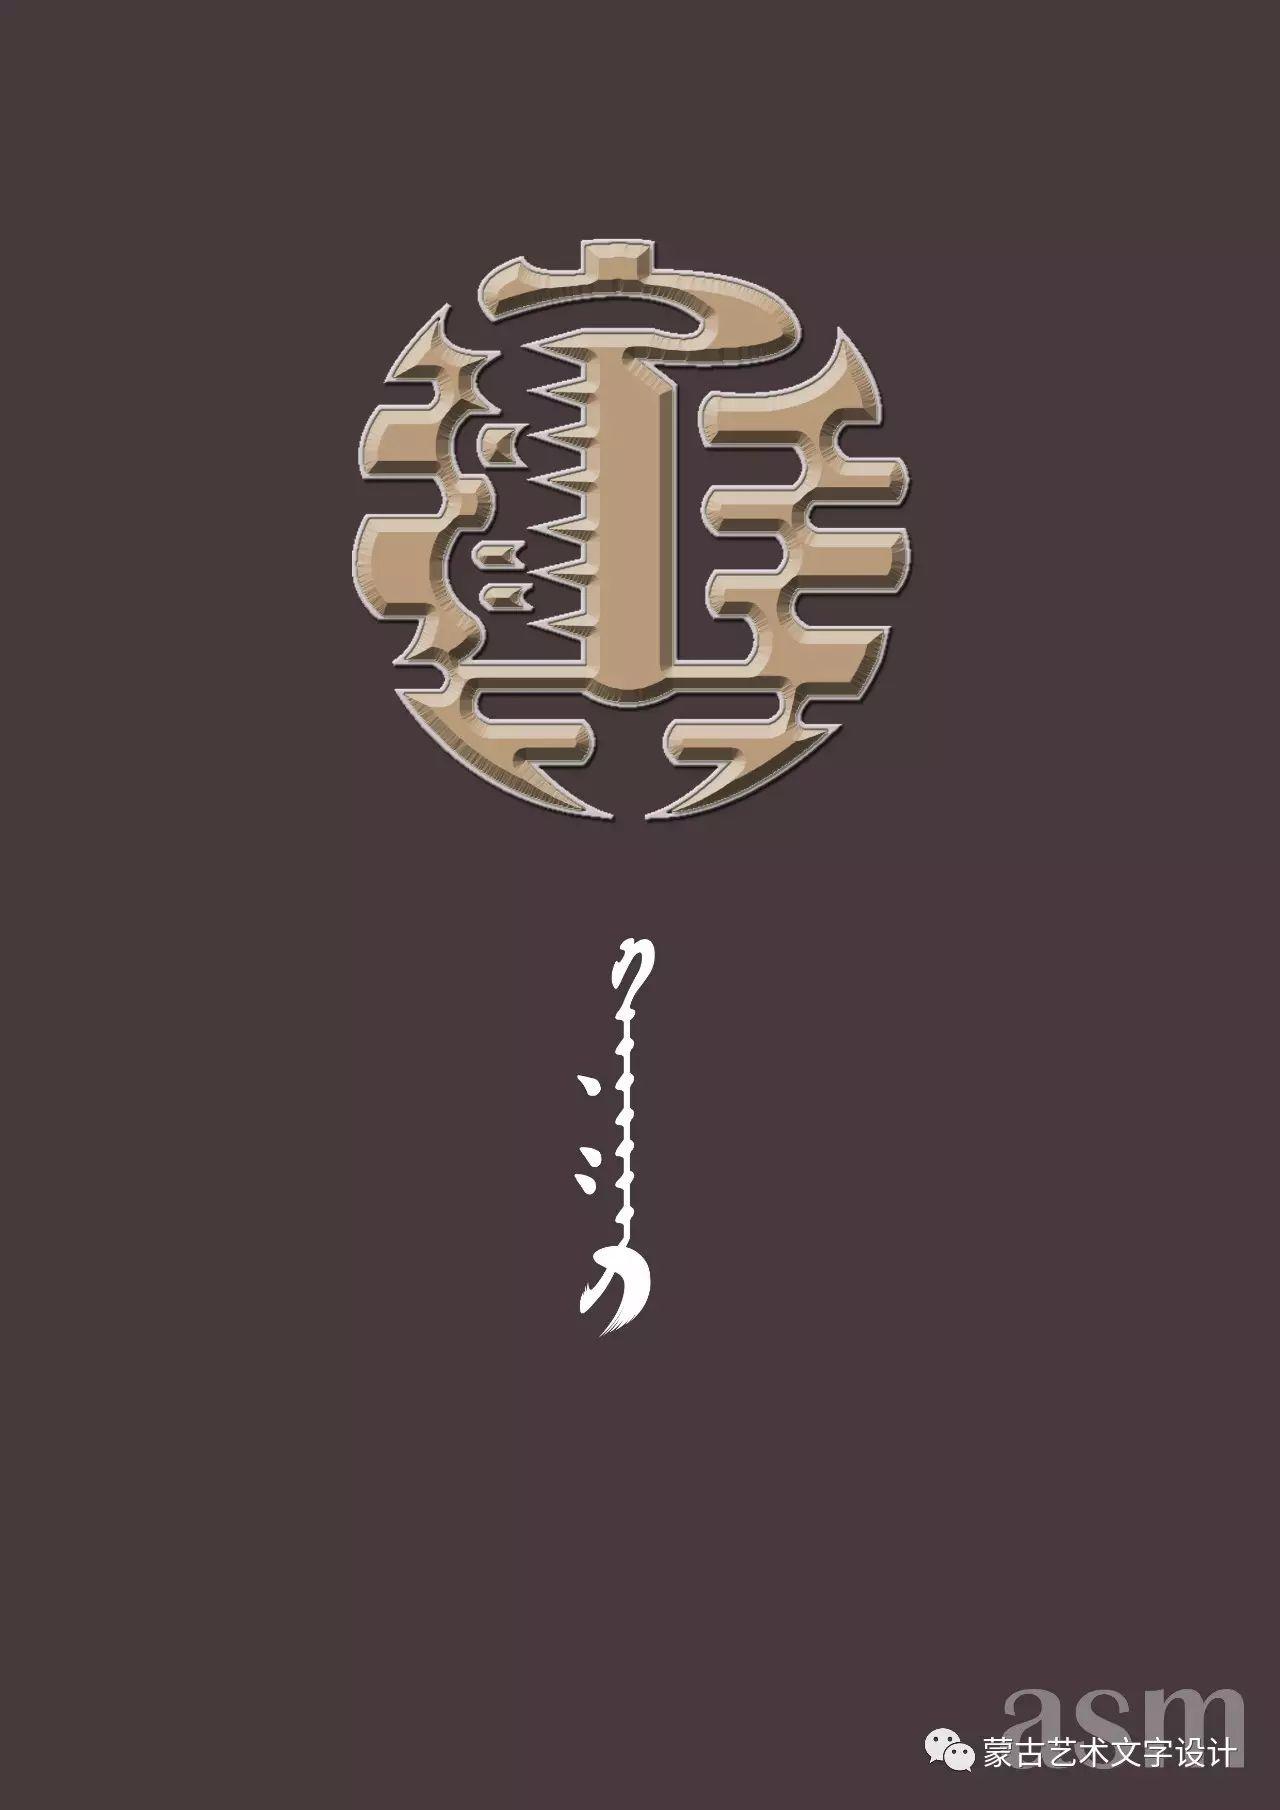 蒙古艺术文字设计 第43张